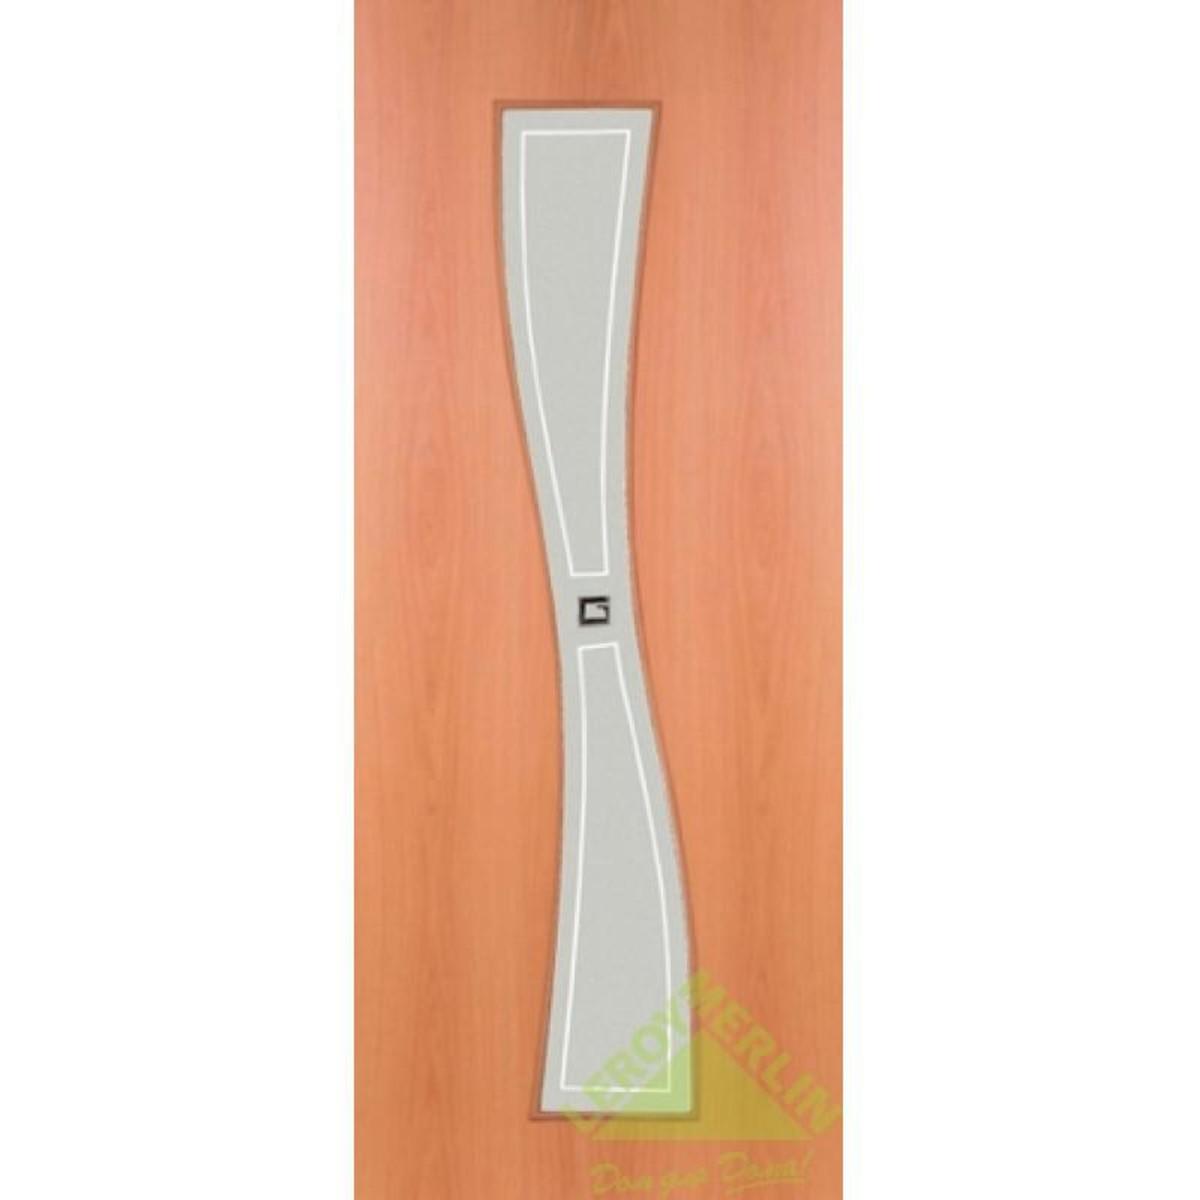 Дверь межкомнатная остеклённая Сезия 700x2000 мм ламинация миланский орех